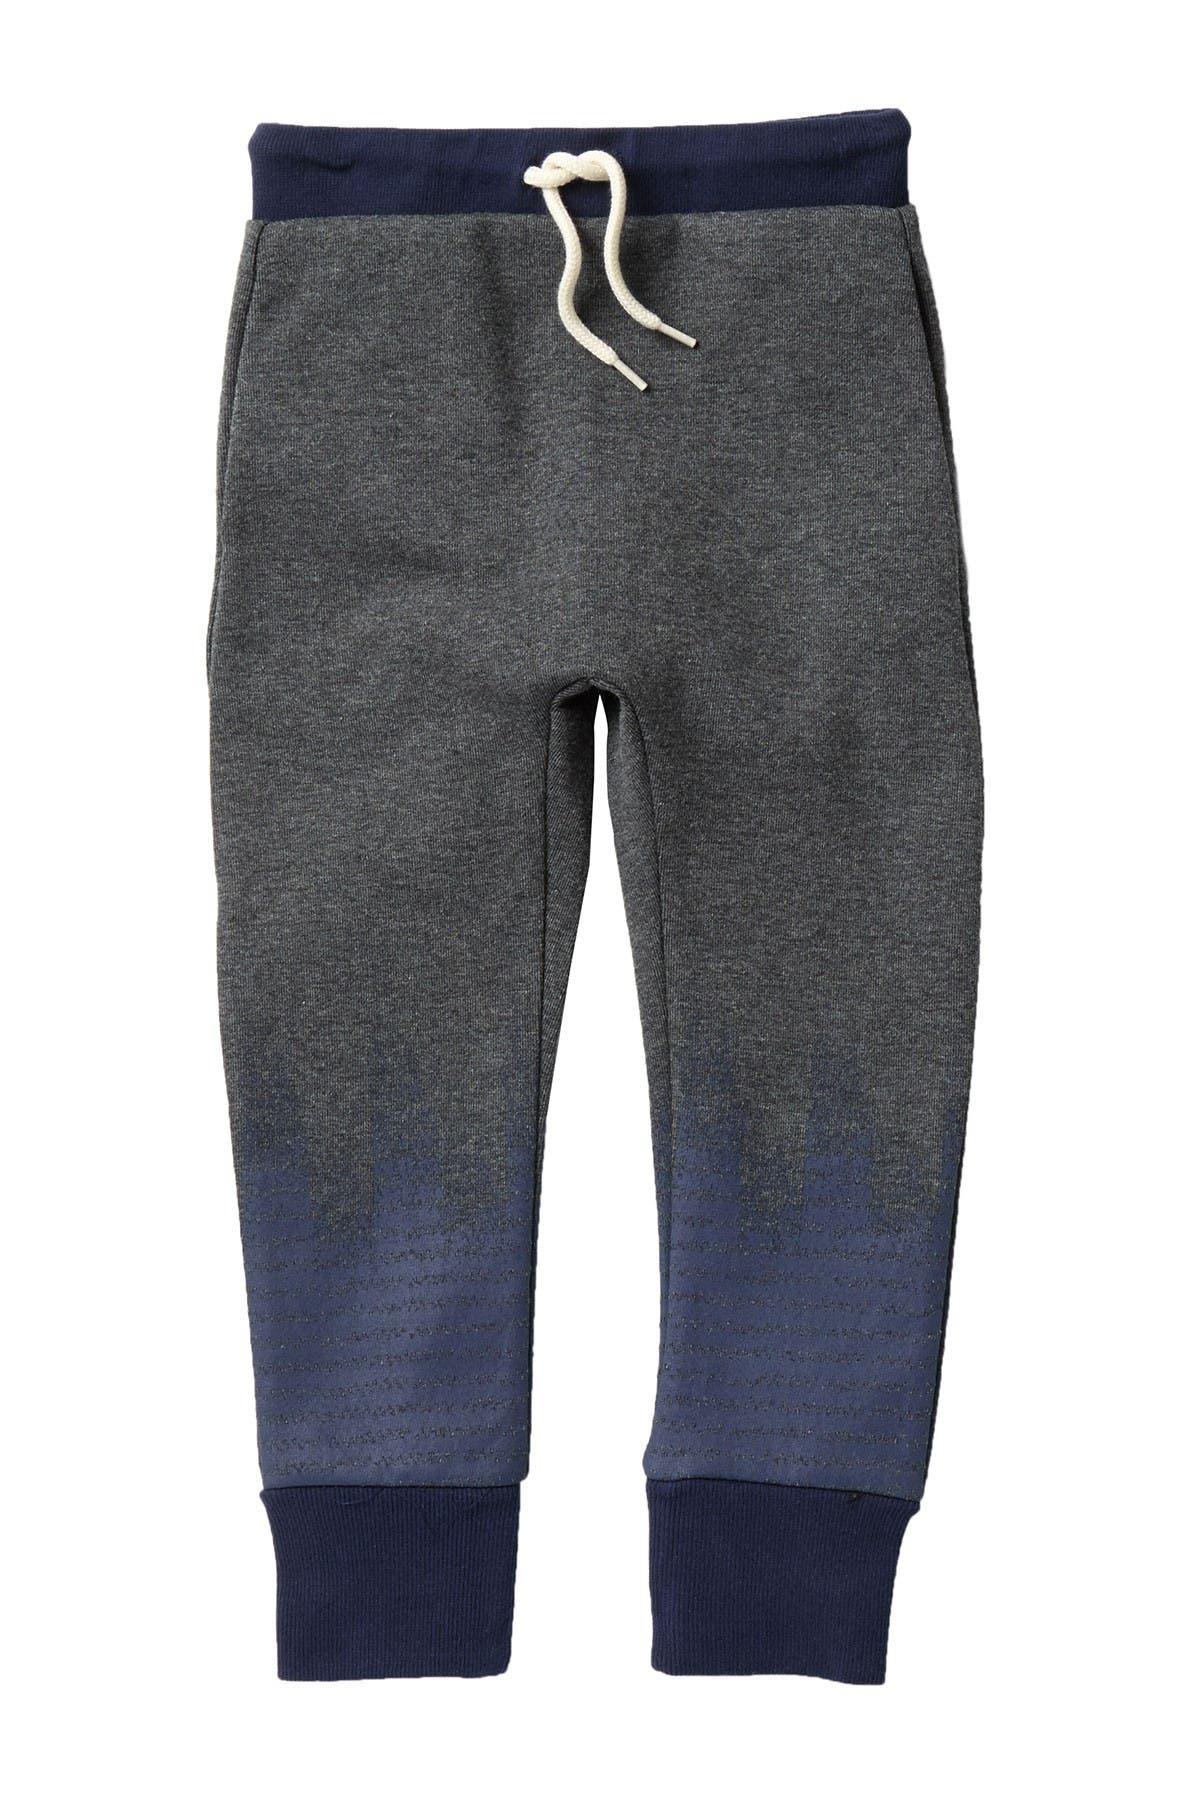 Image of Petit Lem Knit Jogger Pants